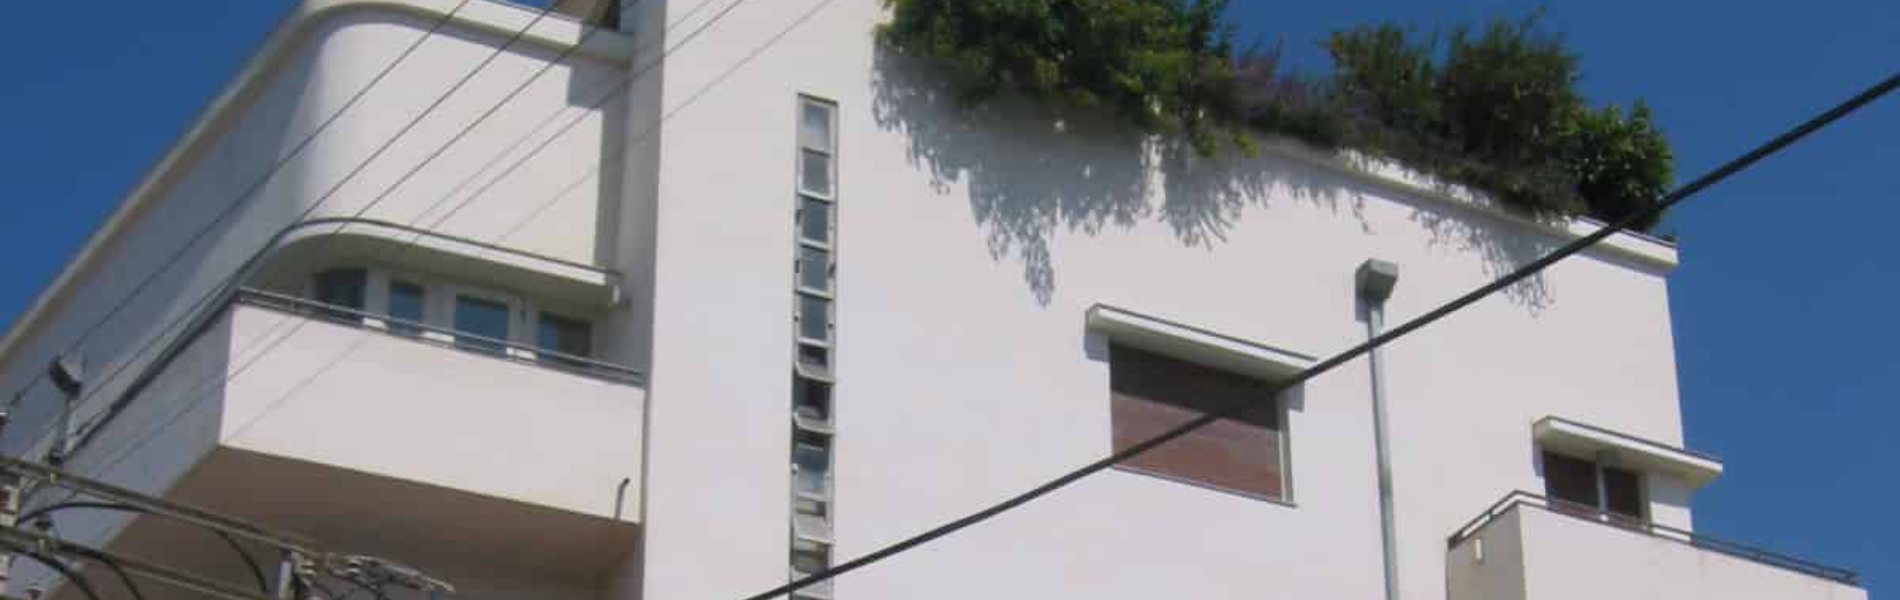 הבניין שמפיח את השממה מרחוב הבנקים של תל אביב